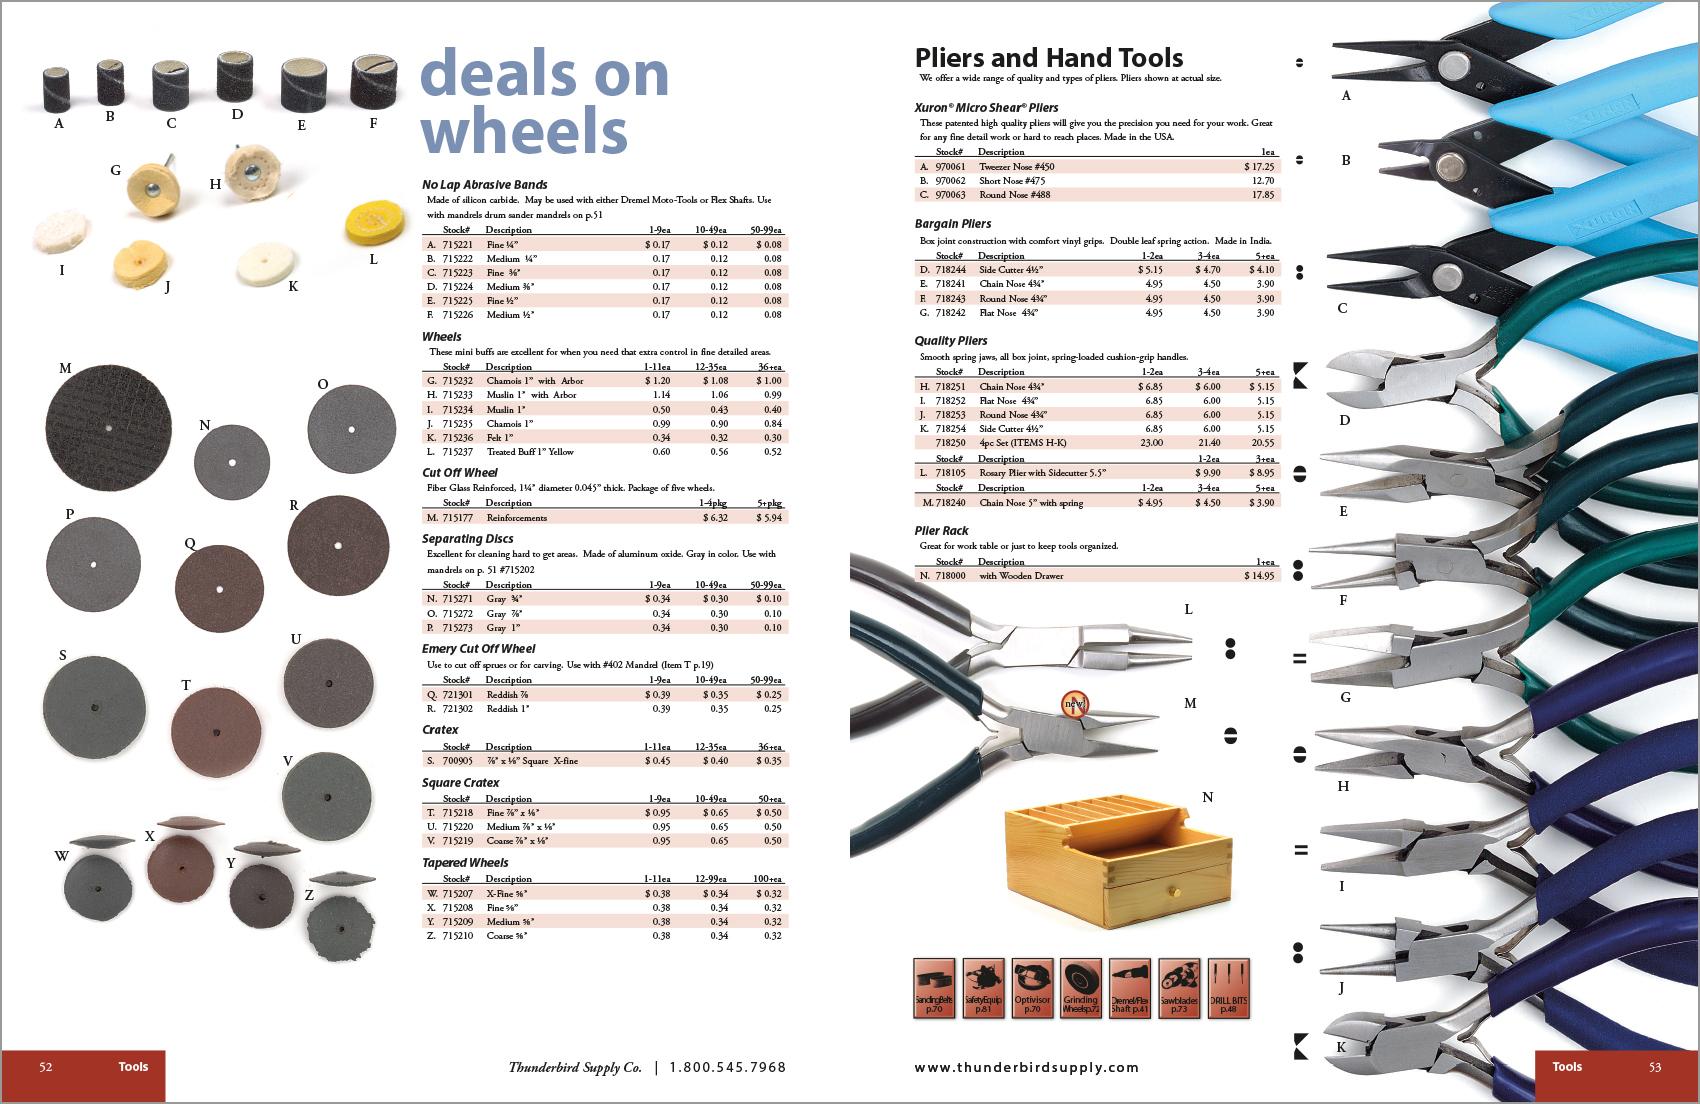 3. 2006 CAT Tools1 52-53